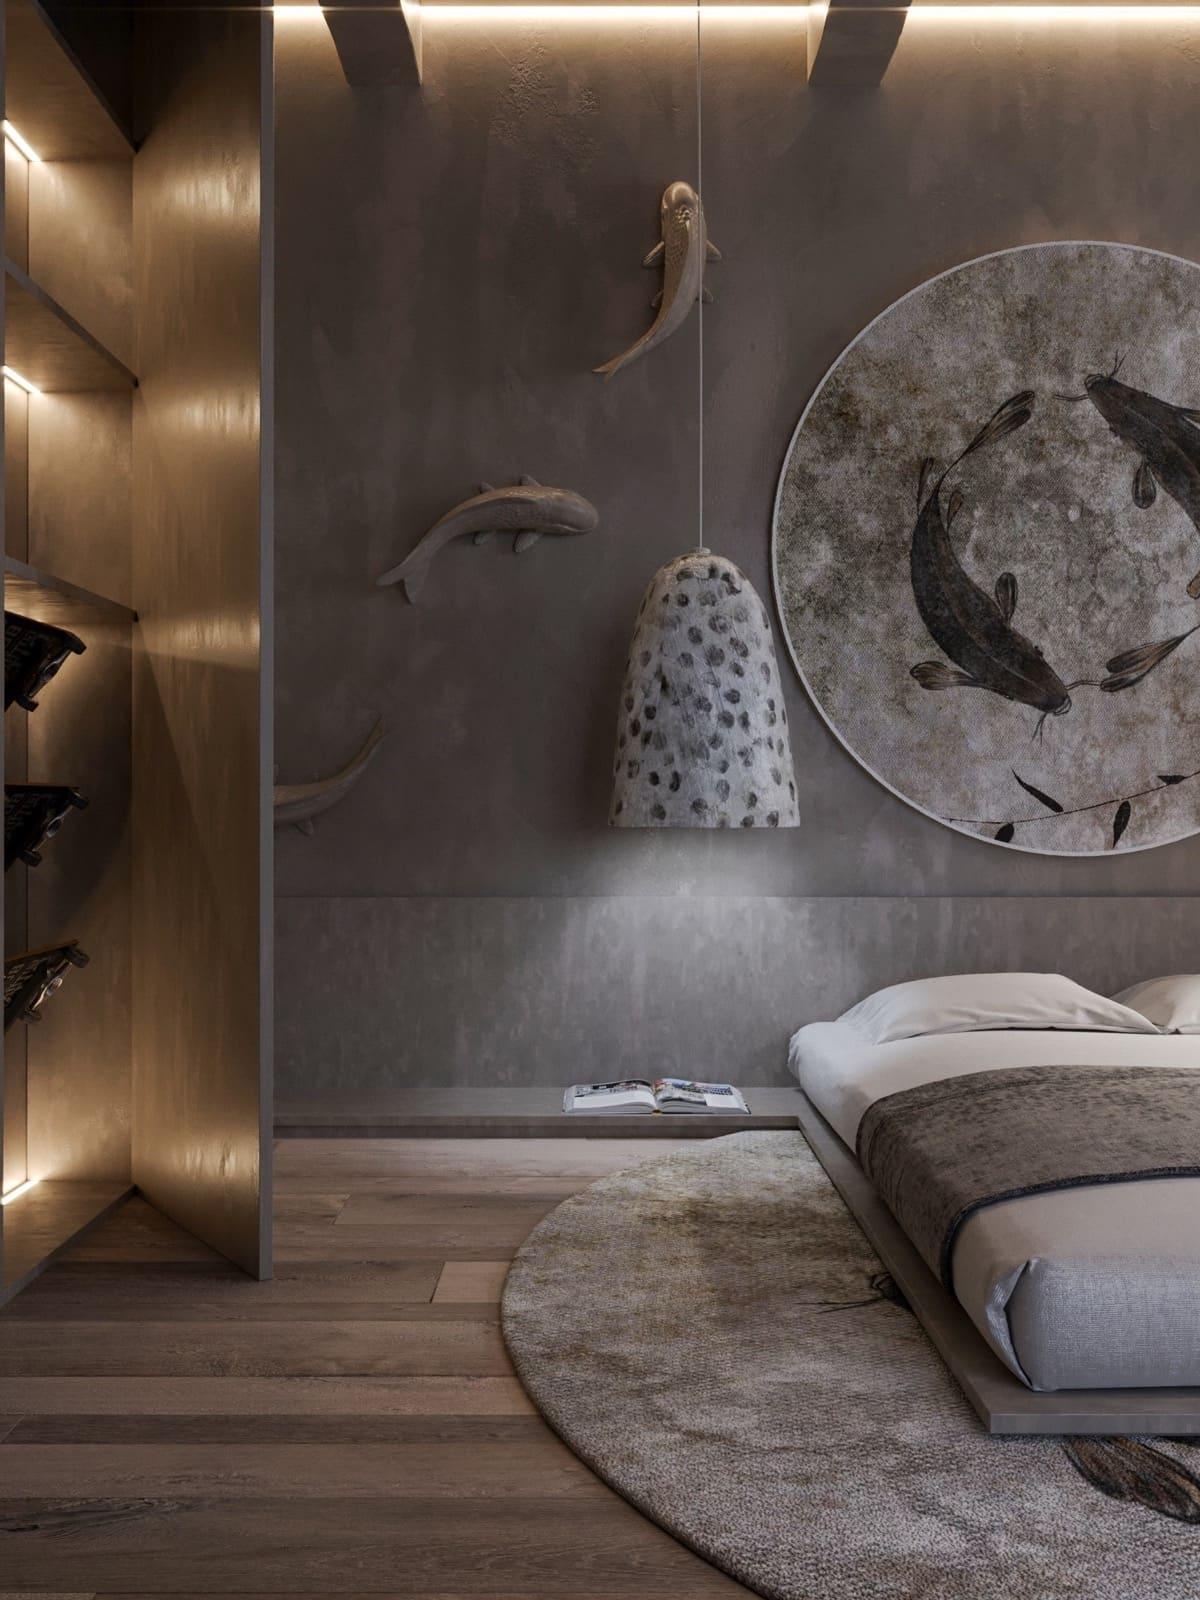 Décoration murale design en vrac - intérieurs de chambre à coucher tendance